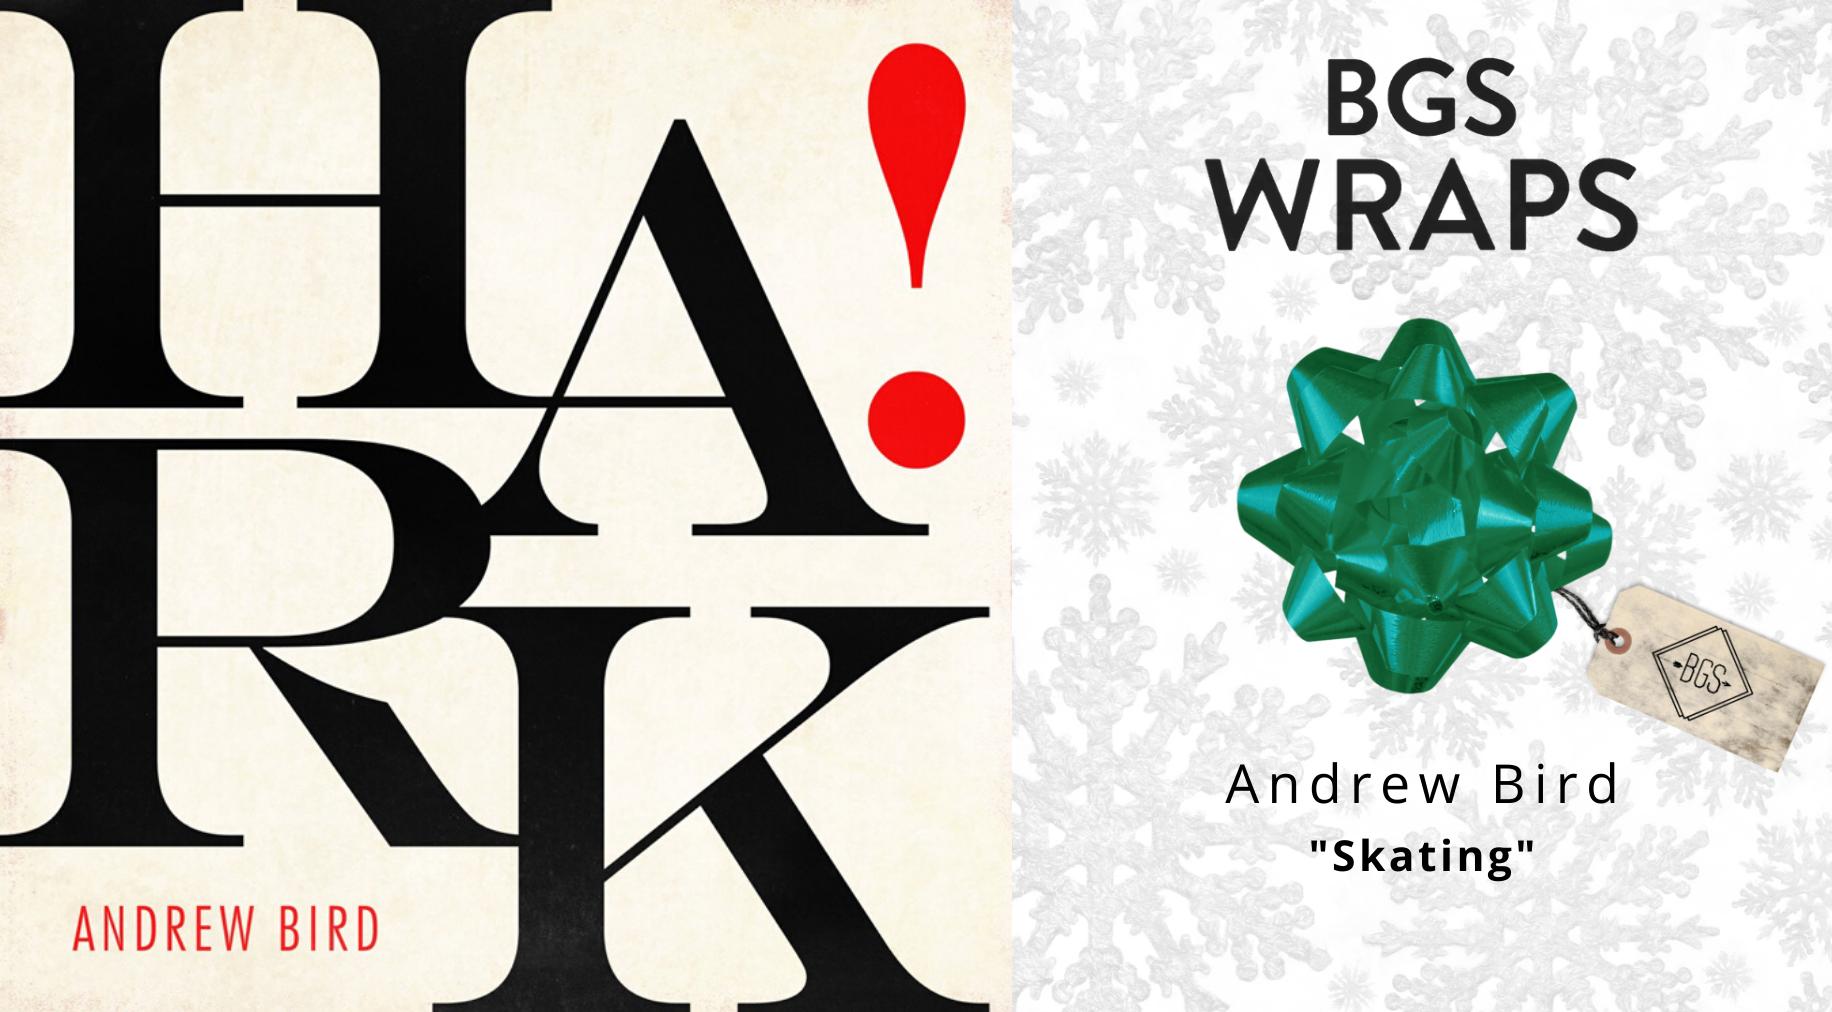 BGS WRAPS: Andrew Bird,